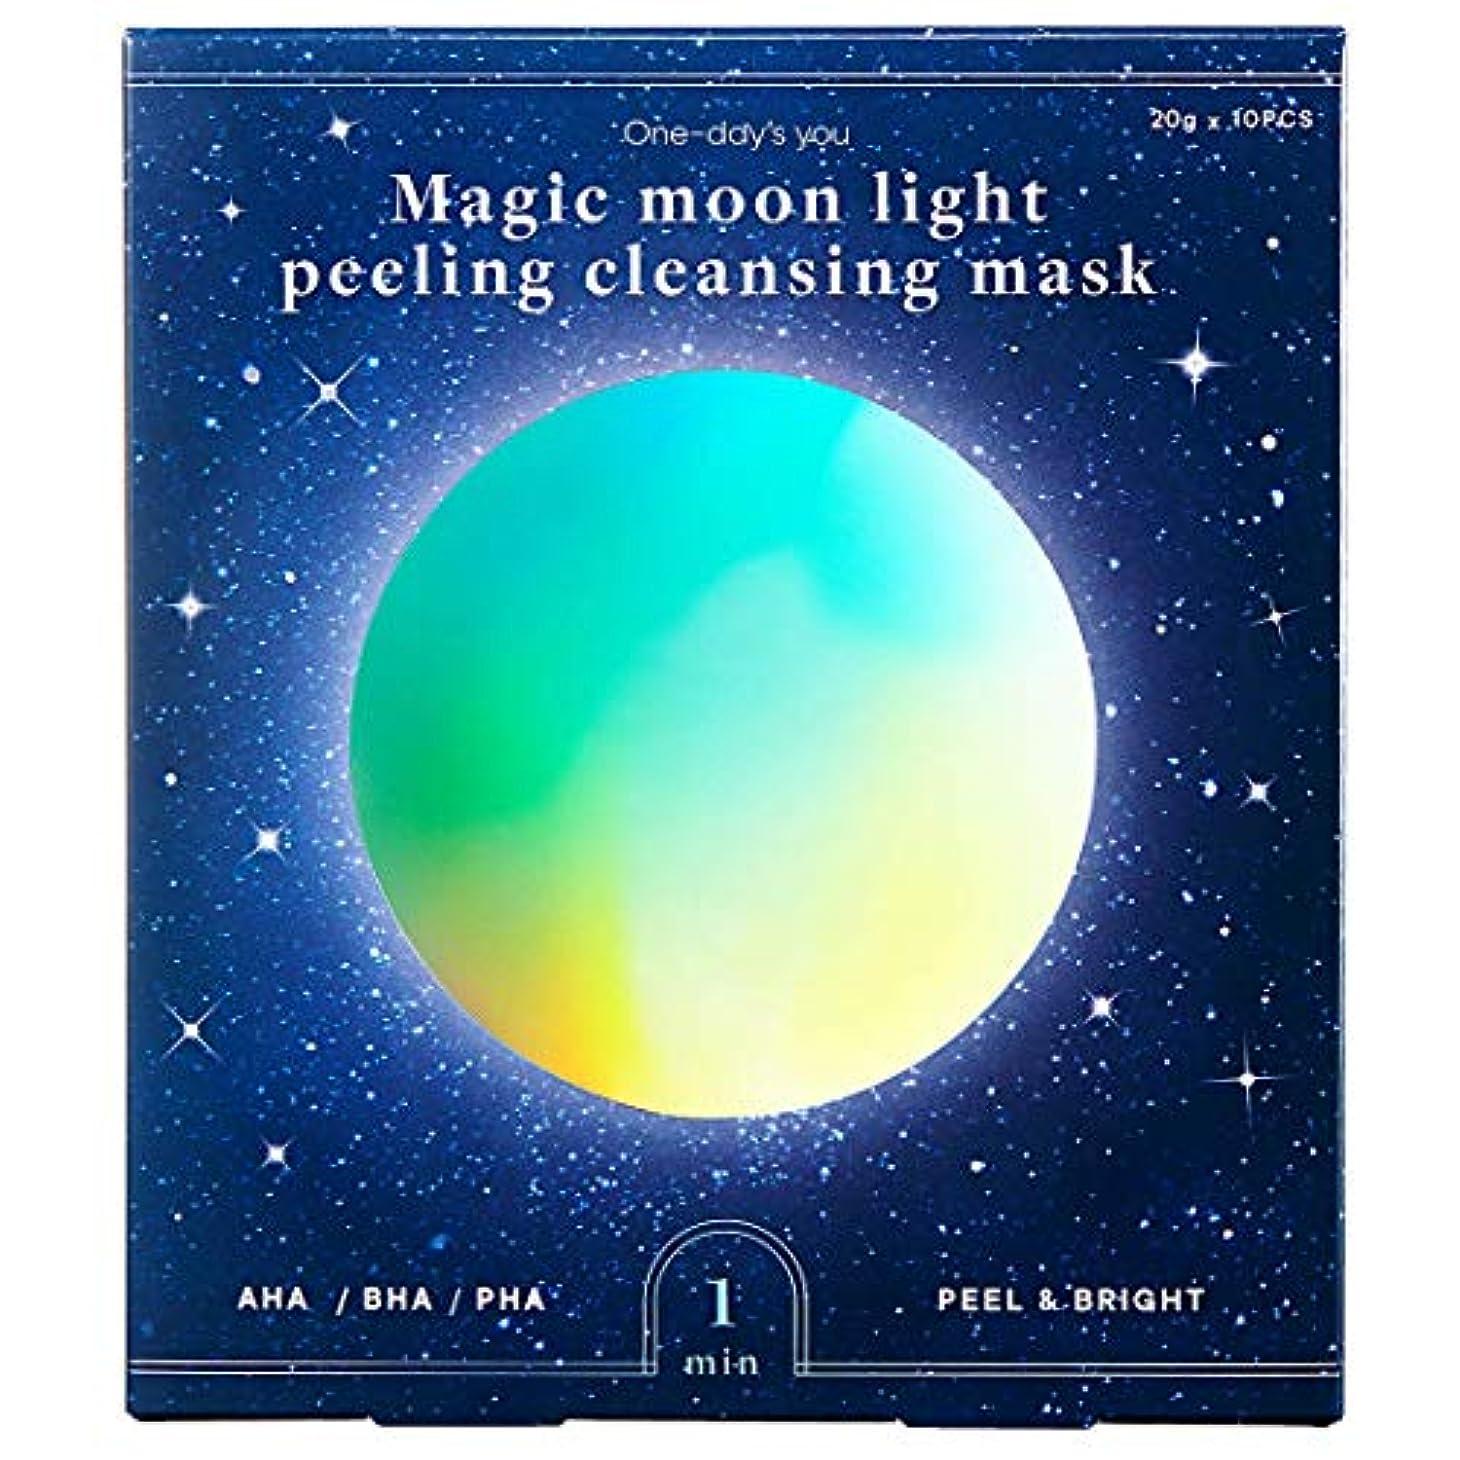 ガス長椅子少年One day's you [ワンデイズユー ] マジック ムーンライト ピーリング クレンジング マスク/Magic Moonlight Peeling Cleansing Mask (20g*10ea) [並行輸入品]